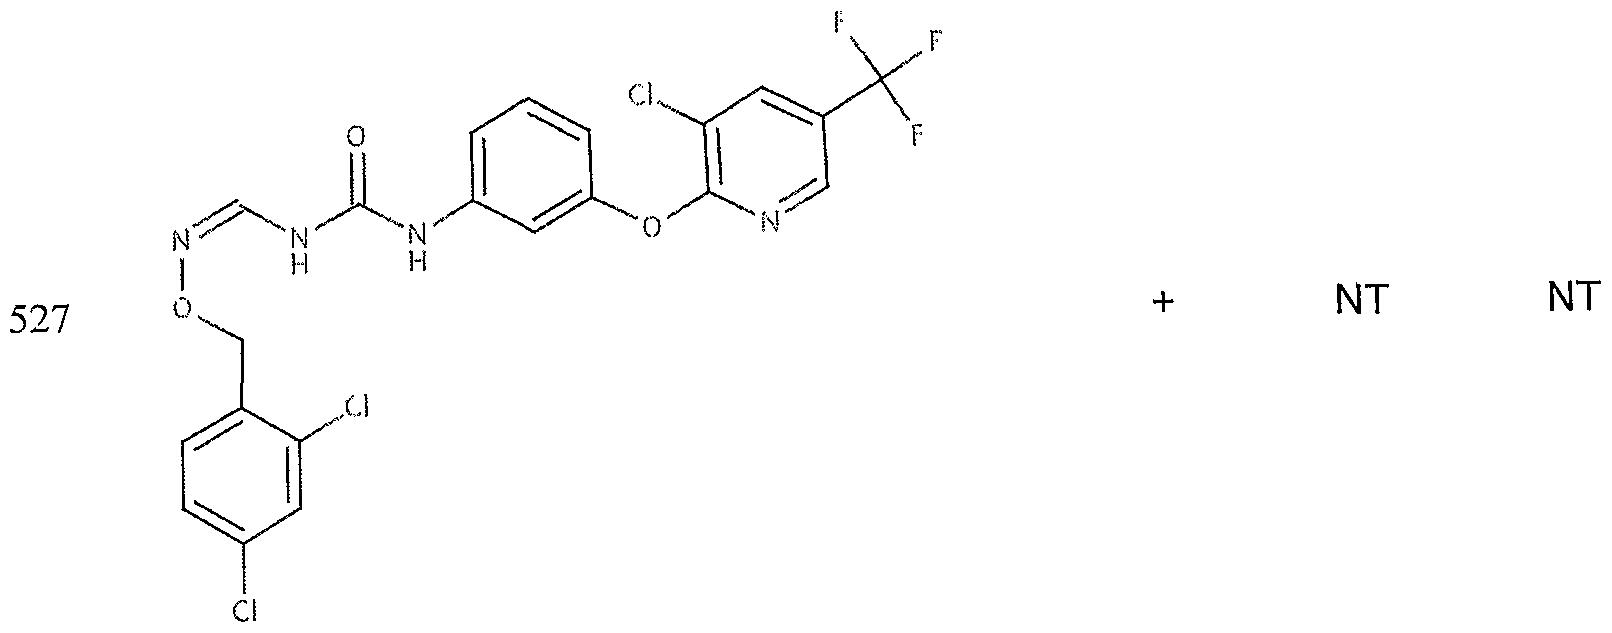 Figure imgf000206_0002